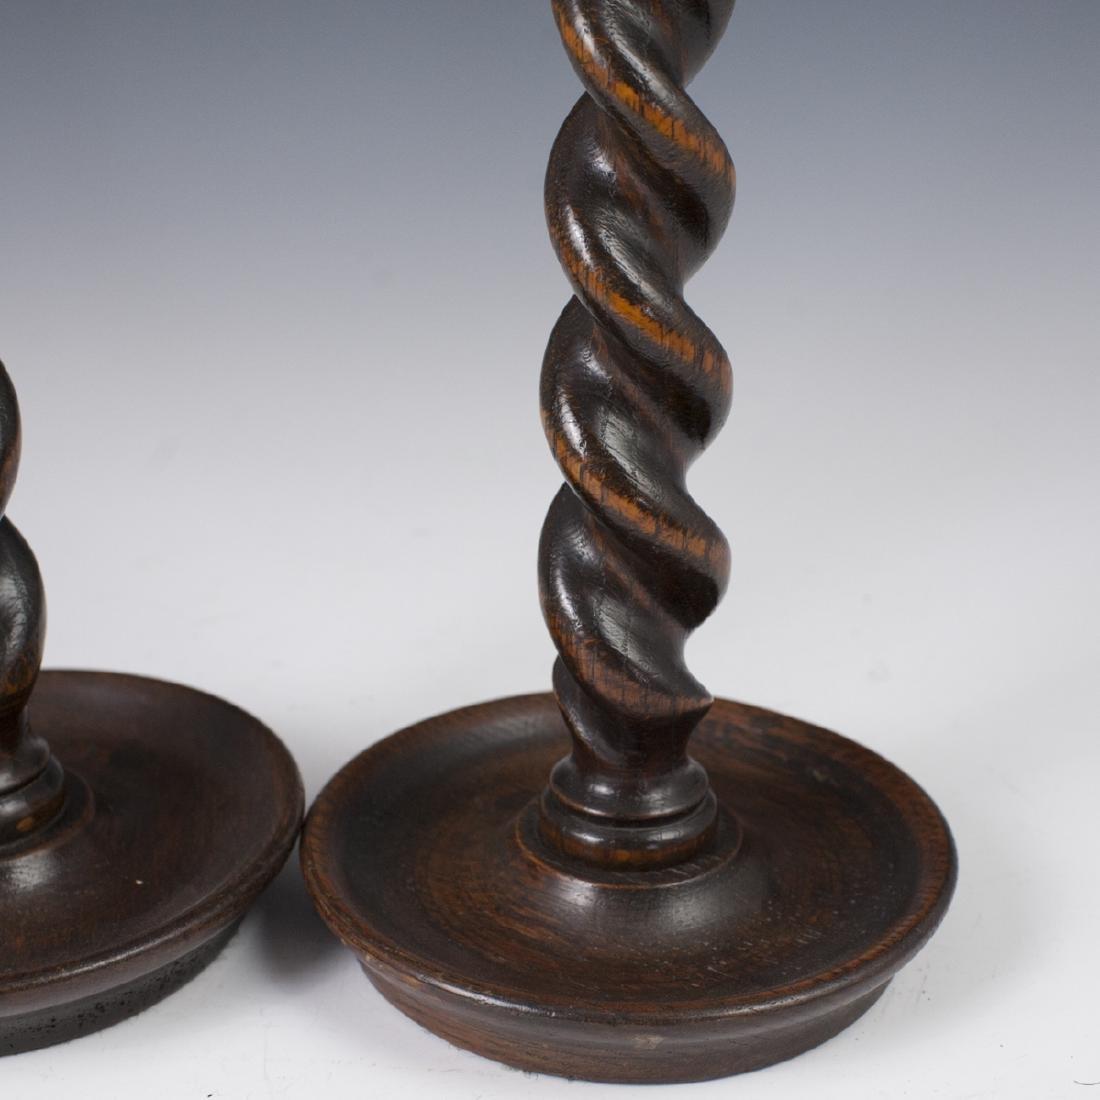 Vintage Wooden Candlesticks - 3